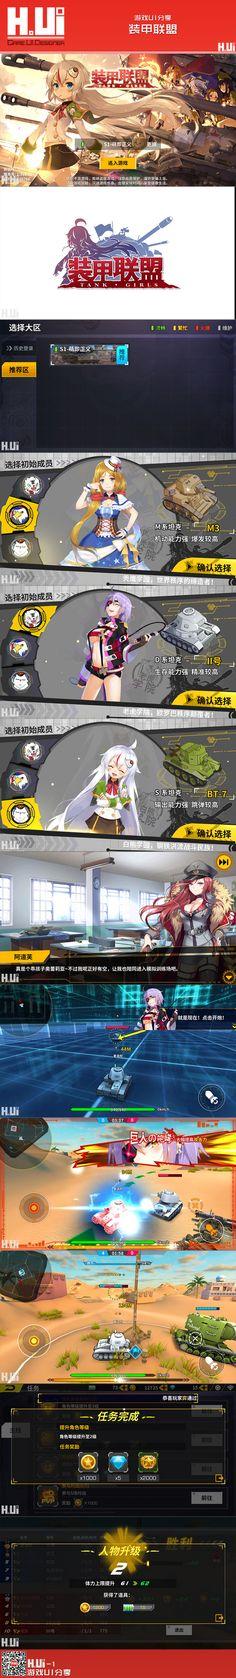 装甲联盟 手游 #游戏UI# 绘UI-专...